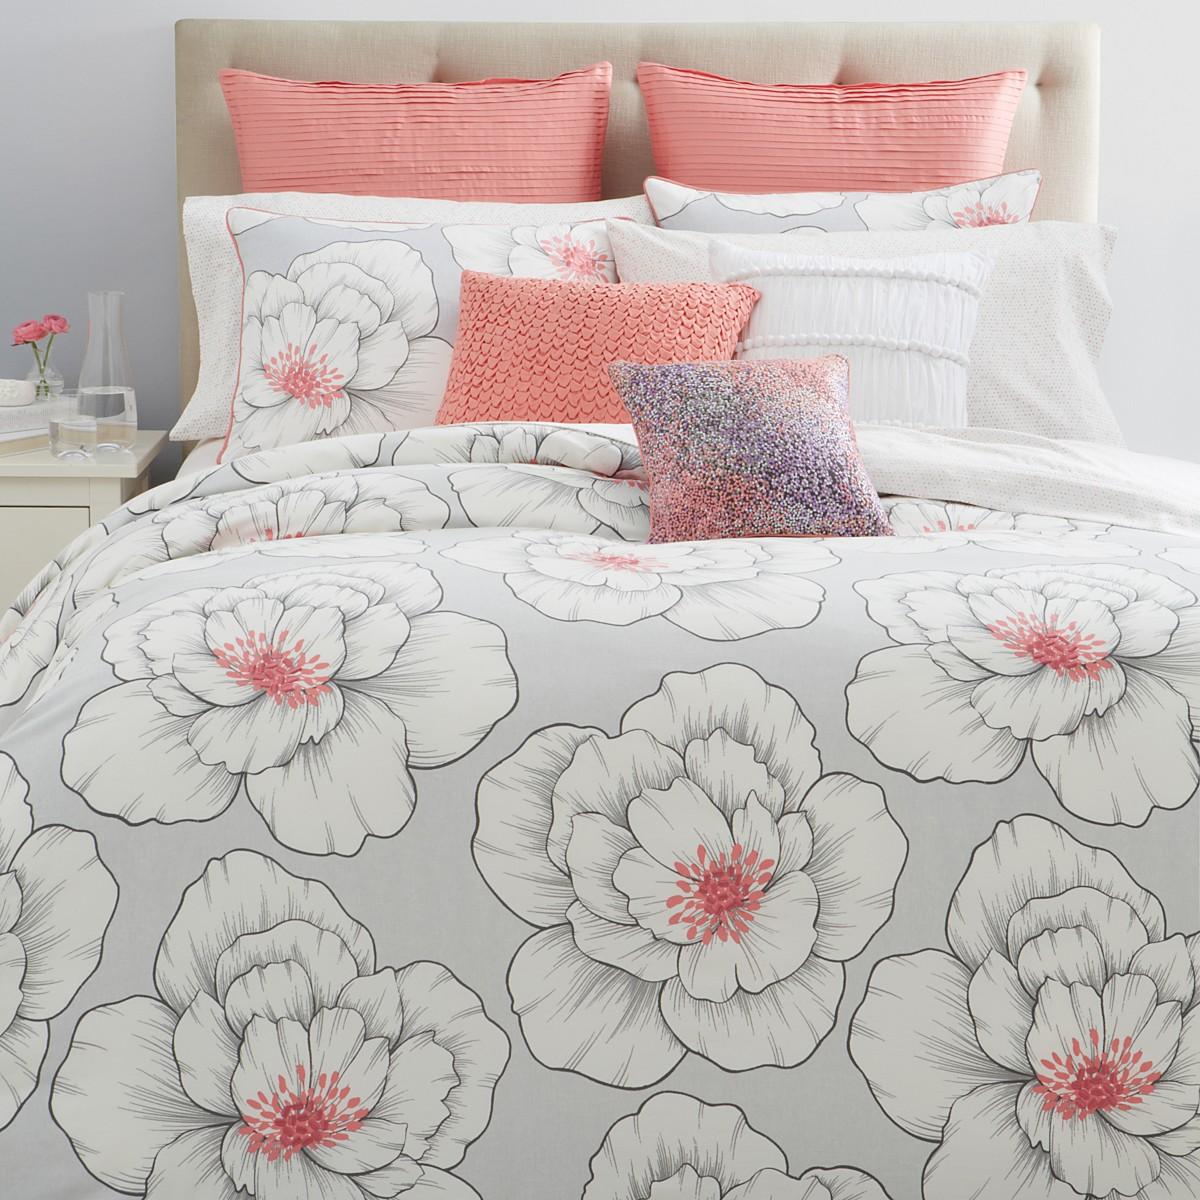 Sky Blossom King Comforter Set Coral / Grey - MSRP $315